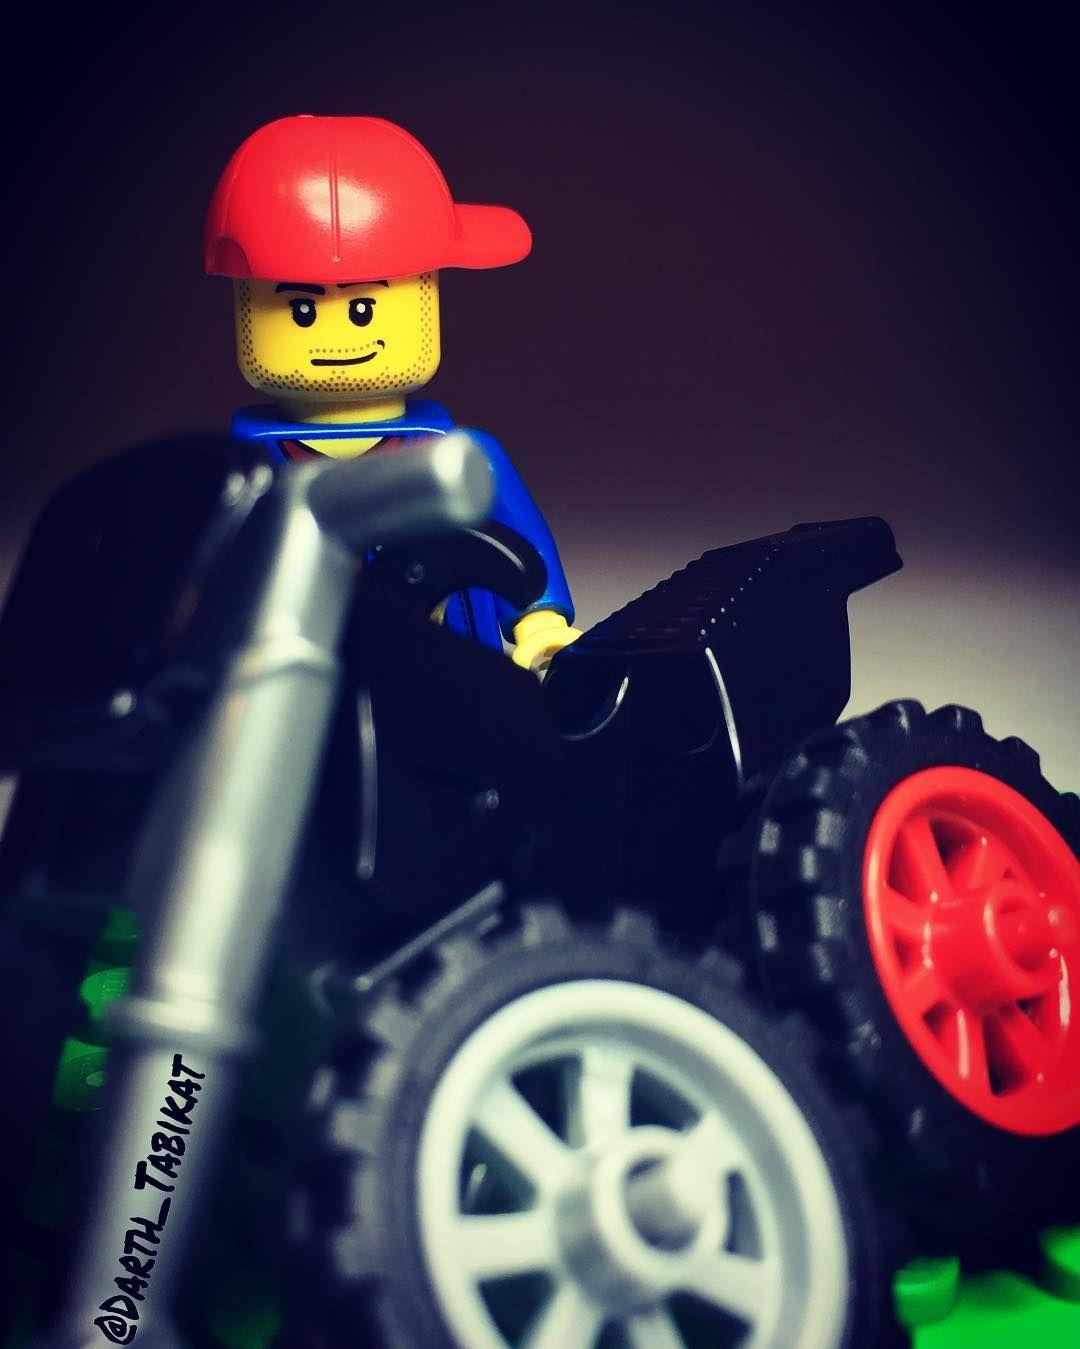 Just working on my dirt bike! Big question... Stick with the red wheels or use the grey wheels?? Please help!  #question #answer #colors #lego #legos #legostagram #legominifigure #minifig #brickagram #the_brickagramer #brickcentral #bricknetwork #brick_vision #bricksinfocus #brickshift #vitruvianbrix #brickinsider #lego_hub #afol #afols #adultfanoflego #follow4follow #followforfollow #followme #l4l #like4like #legostarwars #starwars #legophotography #maytheforcebewithyou by darth_tabikat_